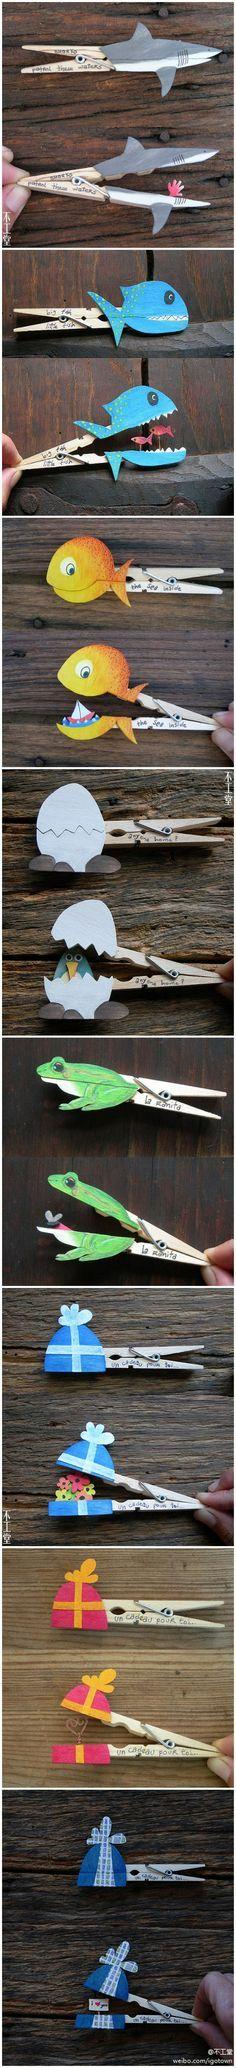 Fun craft.